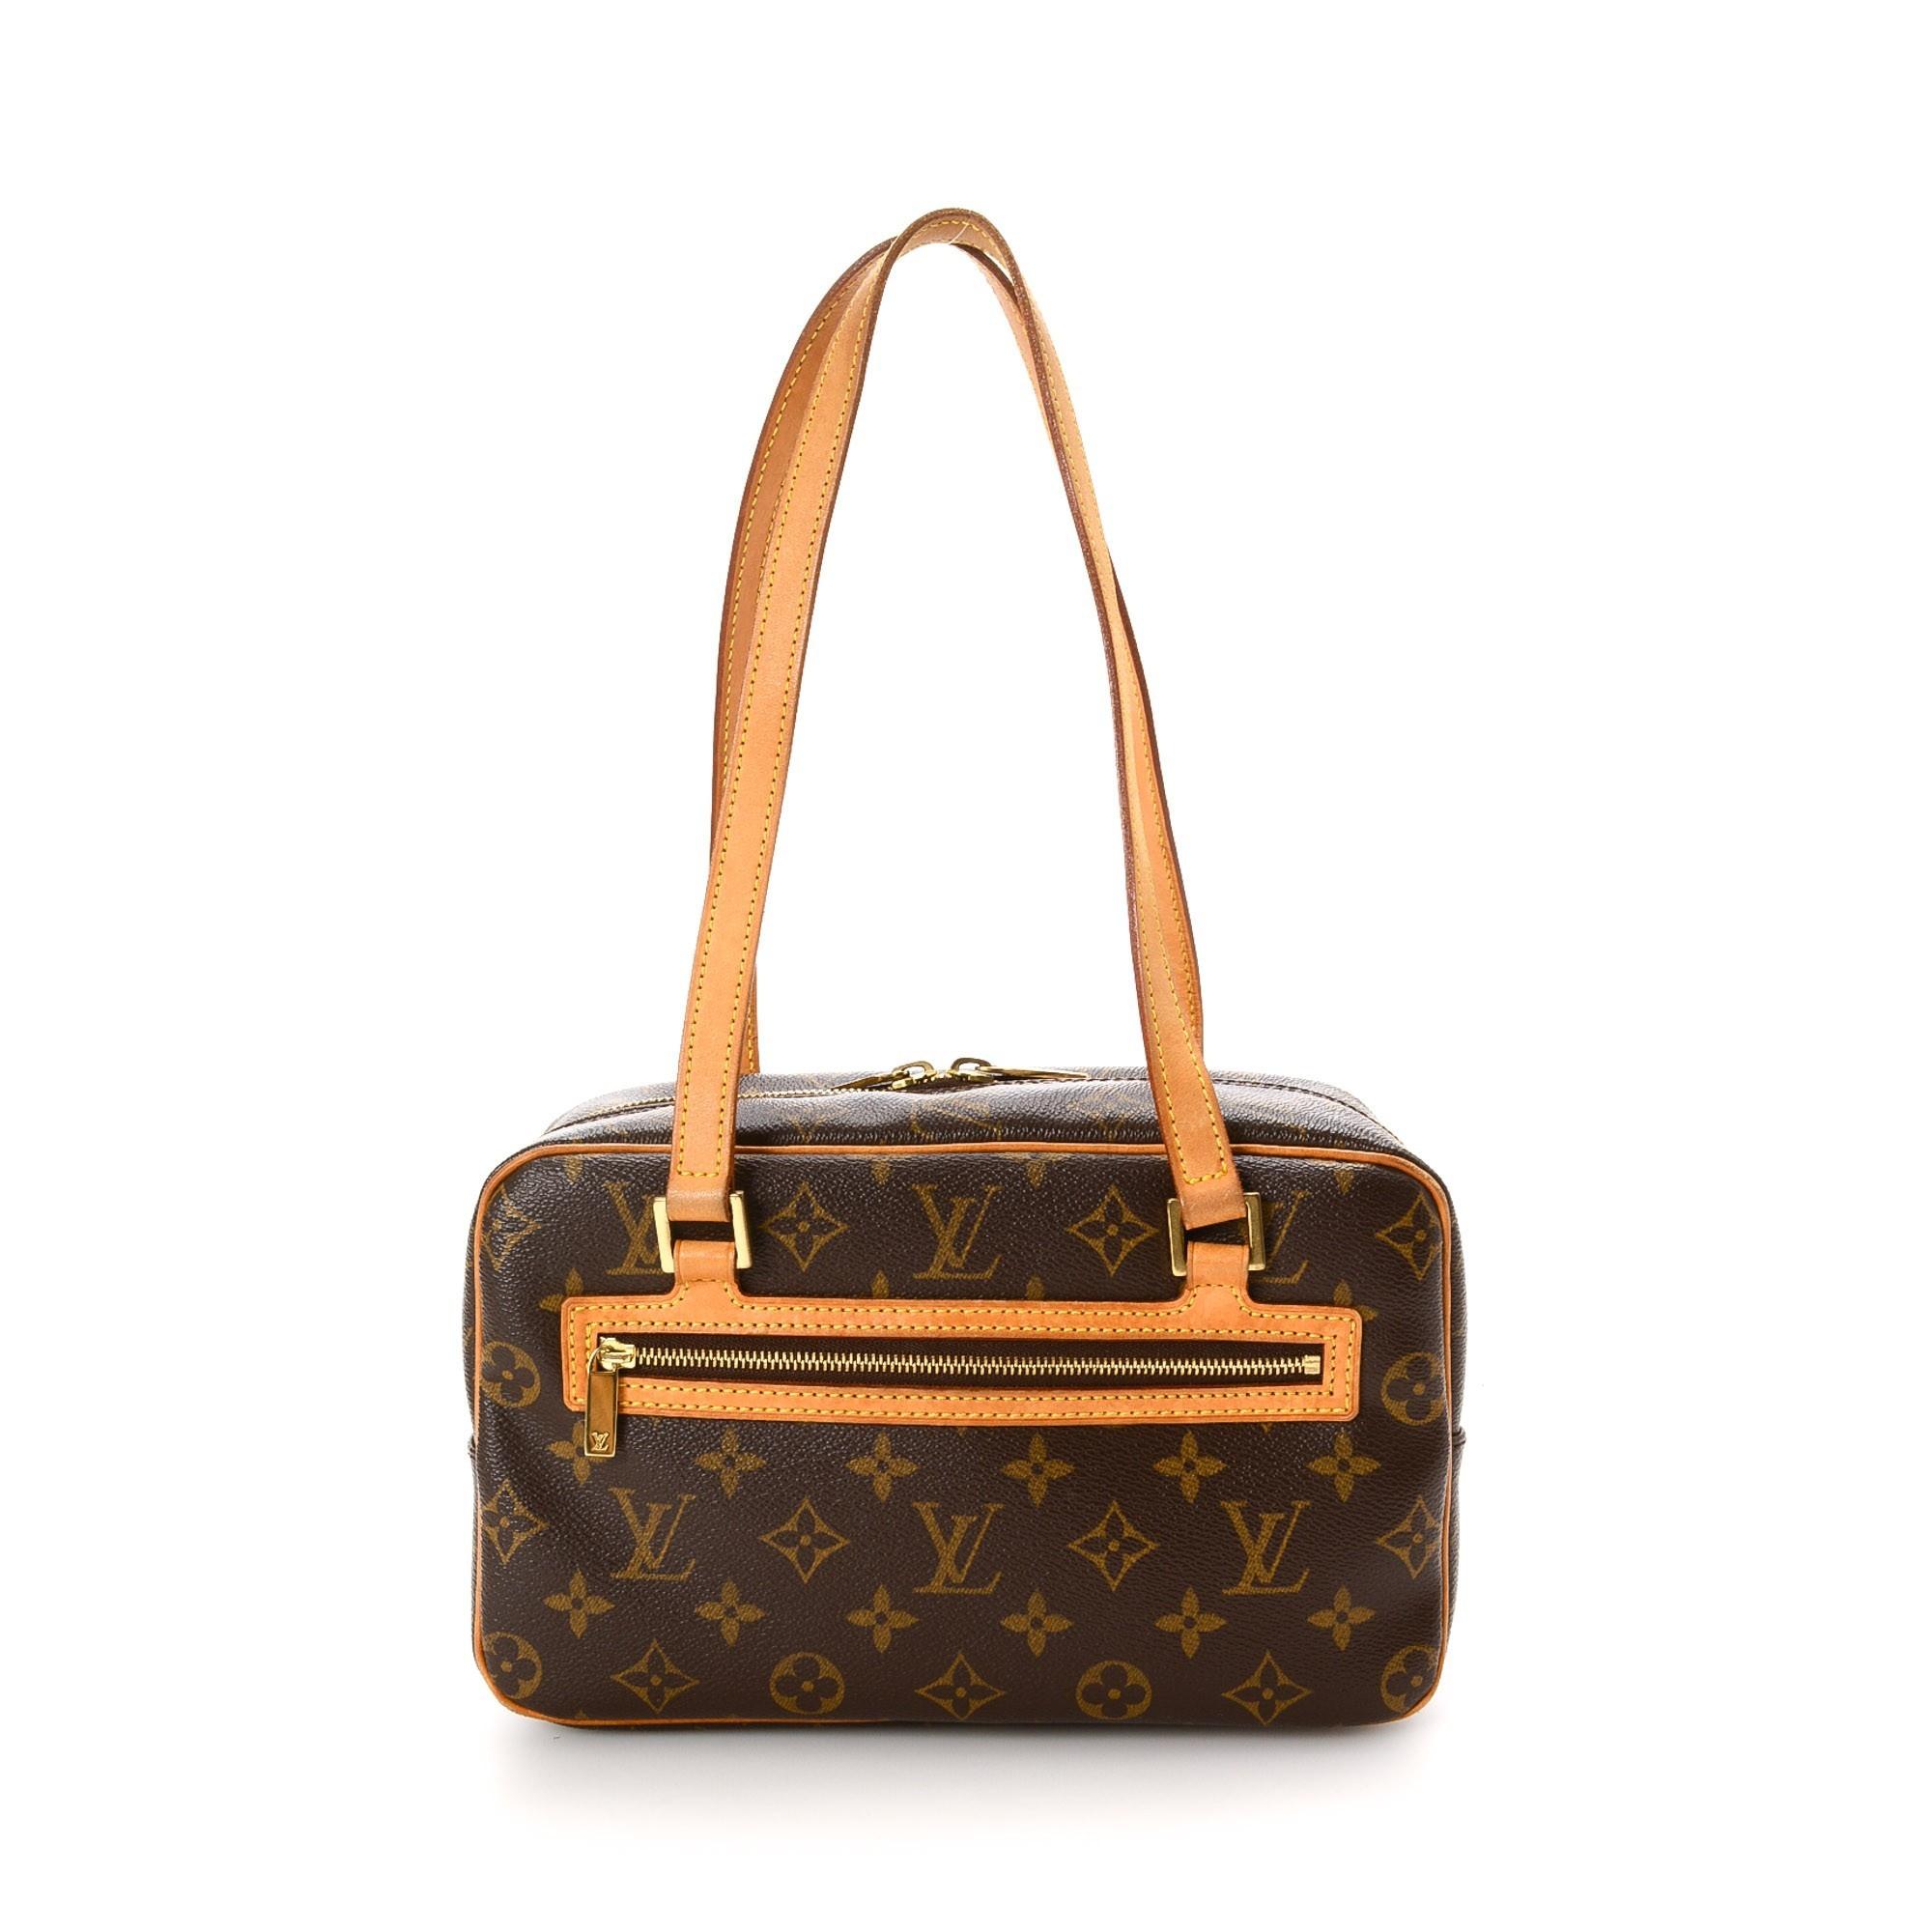 Louis Vuitton Cite MM Monogram Brown Coated Canvas Shoulder Bag LXRCO